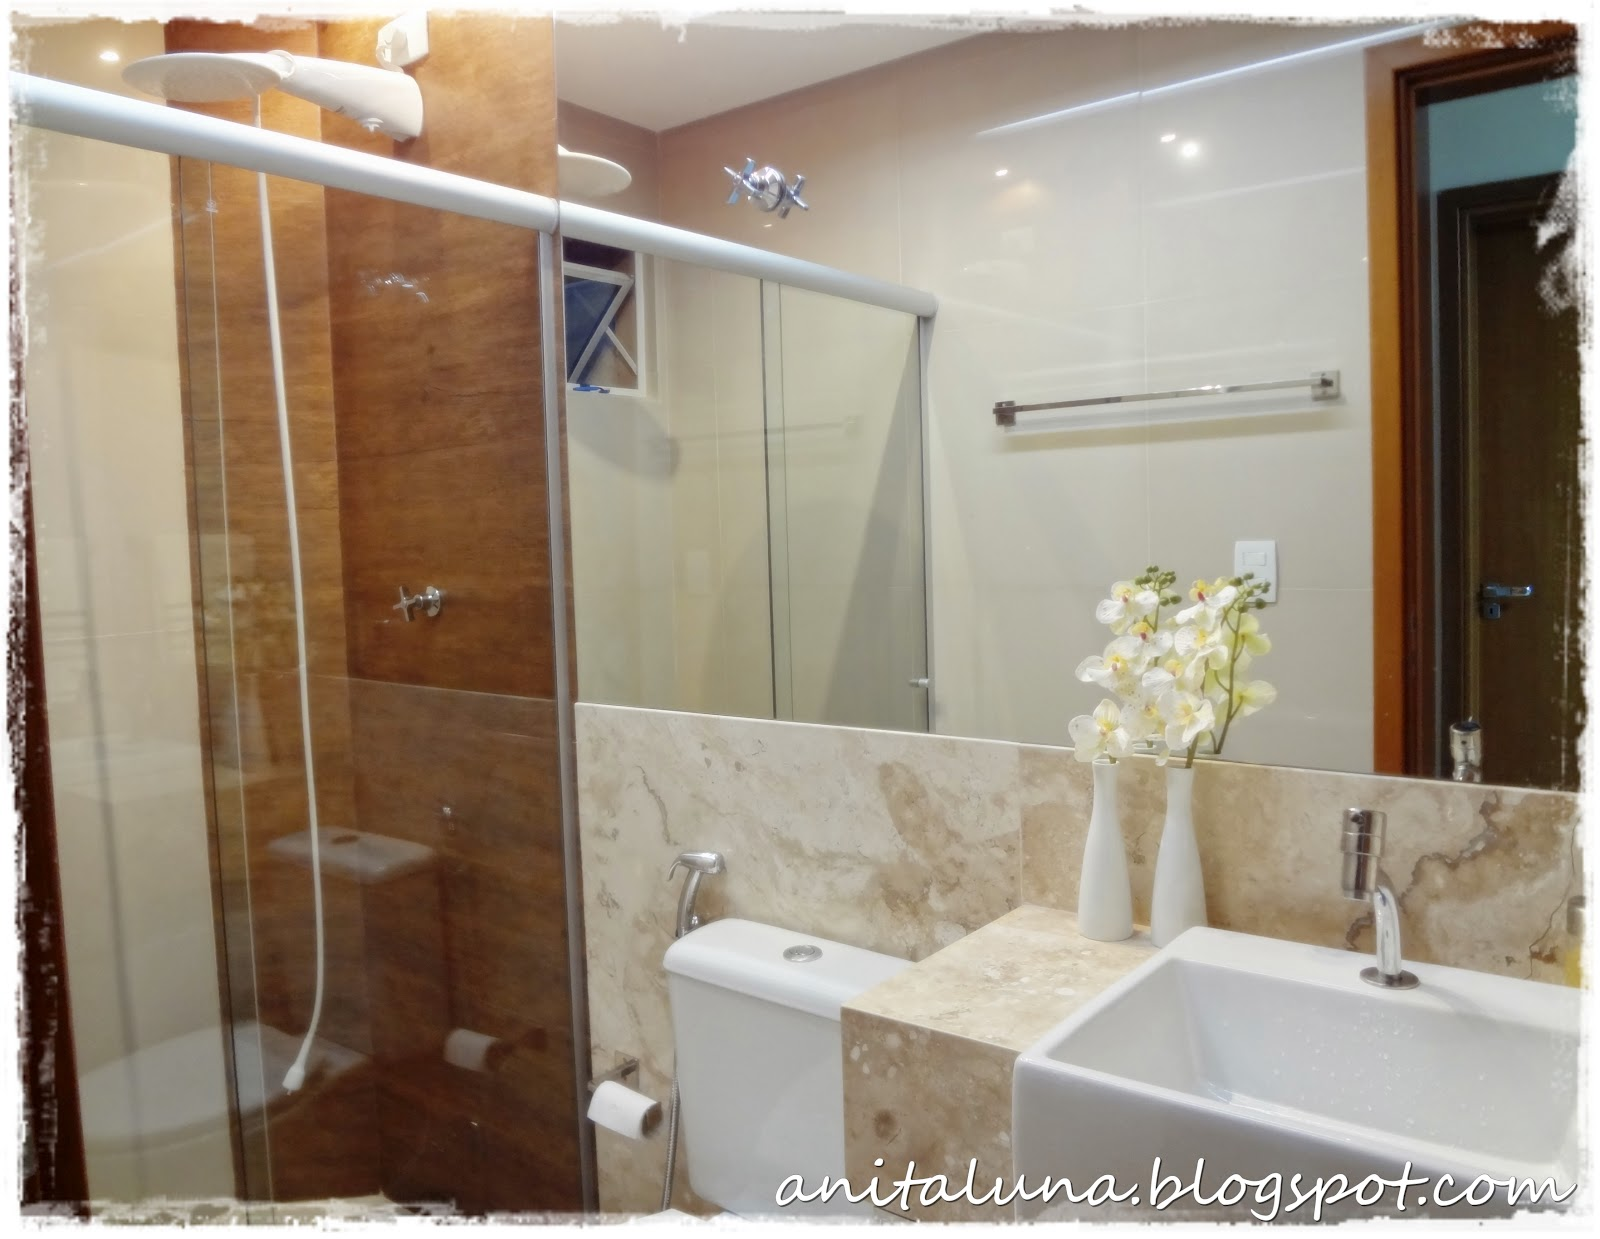 Porcelanato que imita madeira na área do chuveiro e espelhão gigante  #6B4427 1600x1239 Armario Banheiro Luna